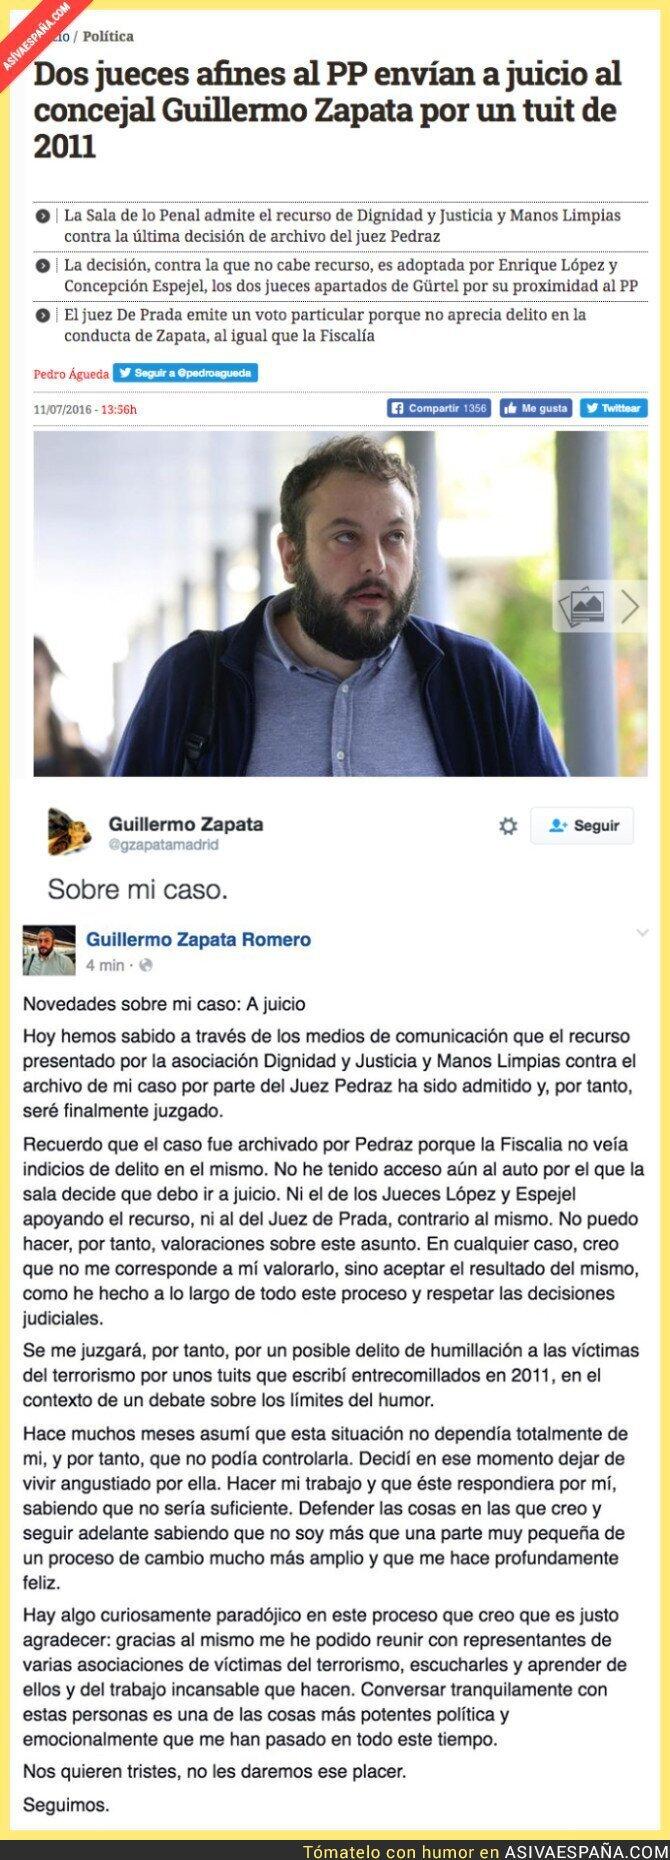 48823 - Guillermo Zapata será finalmente juzgado por un tuit de 2011